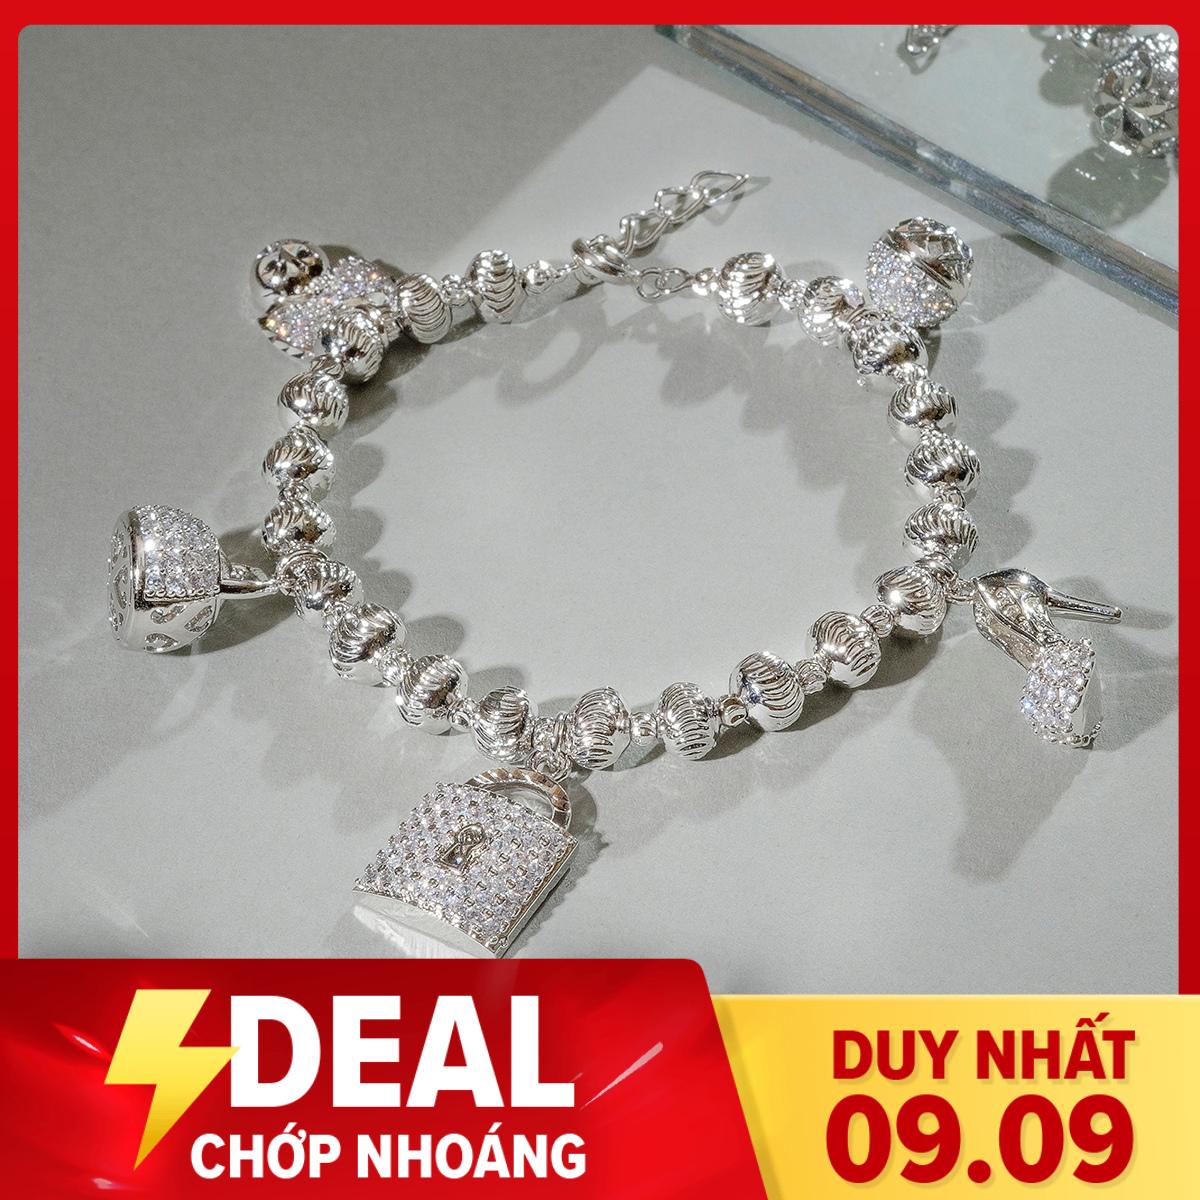 [HCM]Vòng charm bạc Ý mạ vàng thật 18K kiểu dáng Hàn Quốc đính đá Zircon sang trọng vòng tay nữ lắc tay bạcvong tay nu trang sức bạ cao cấp vòng tay Hàn Quốc